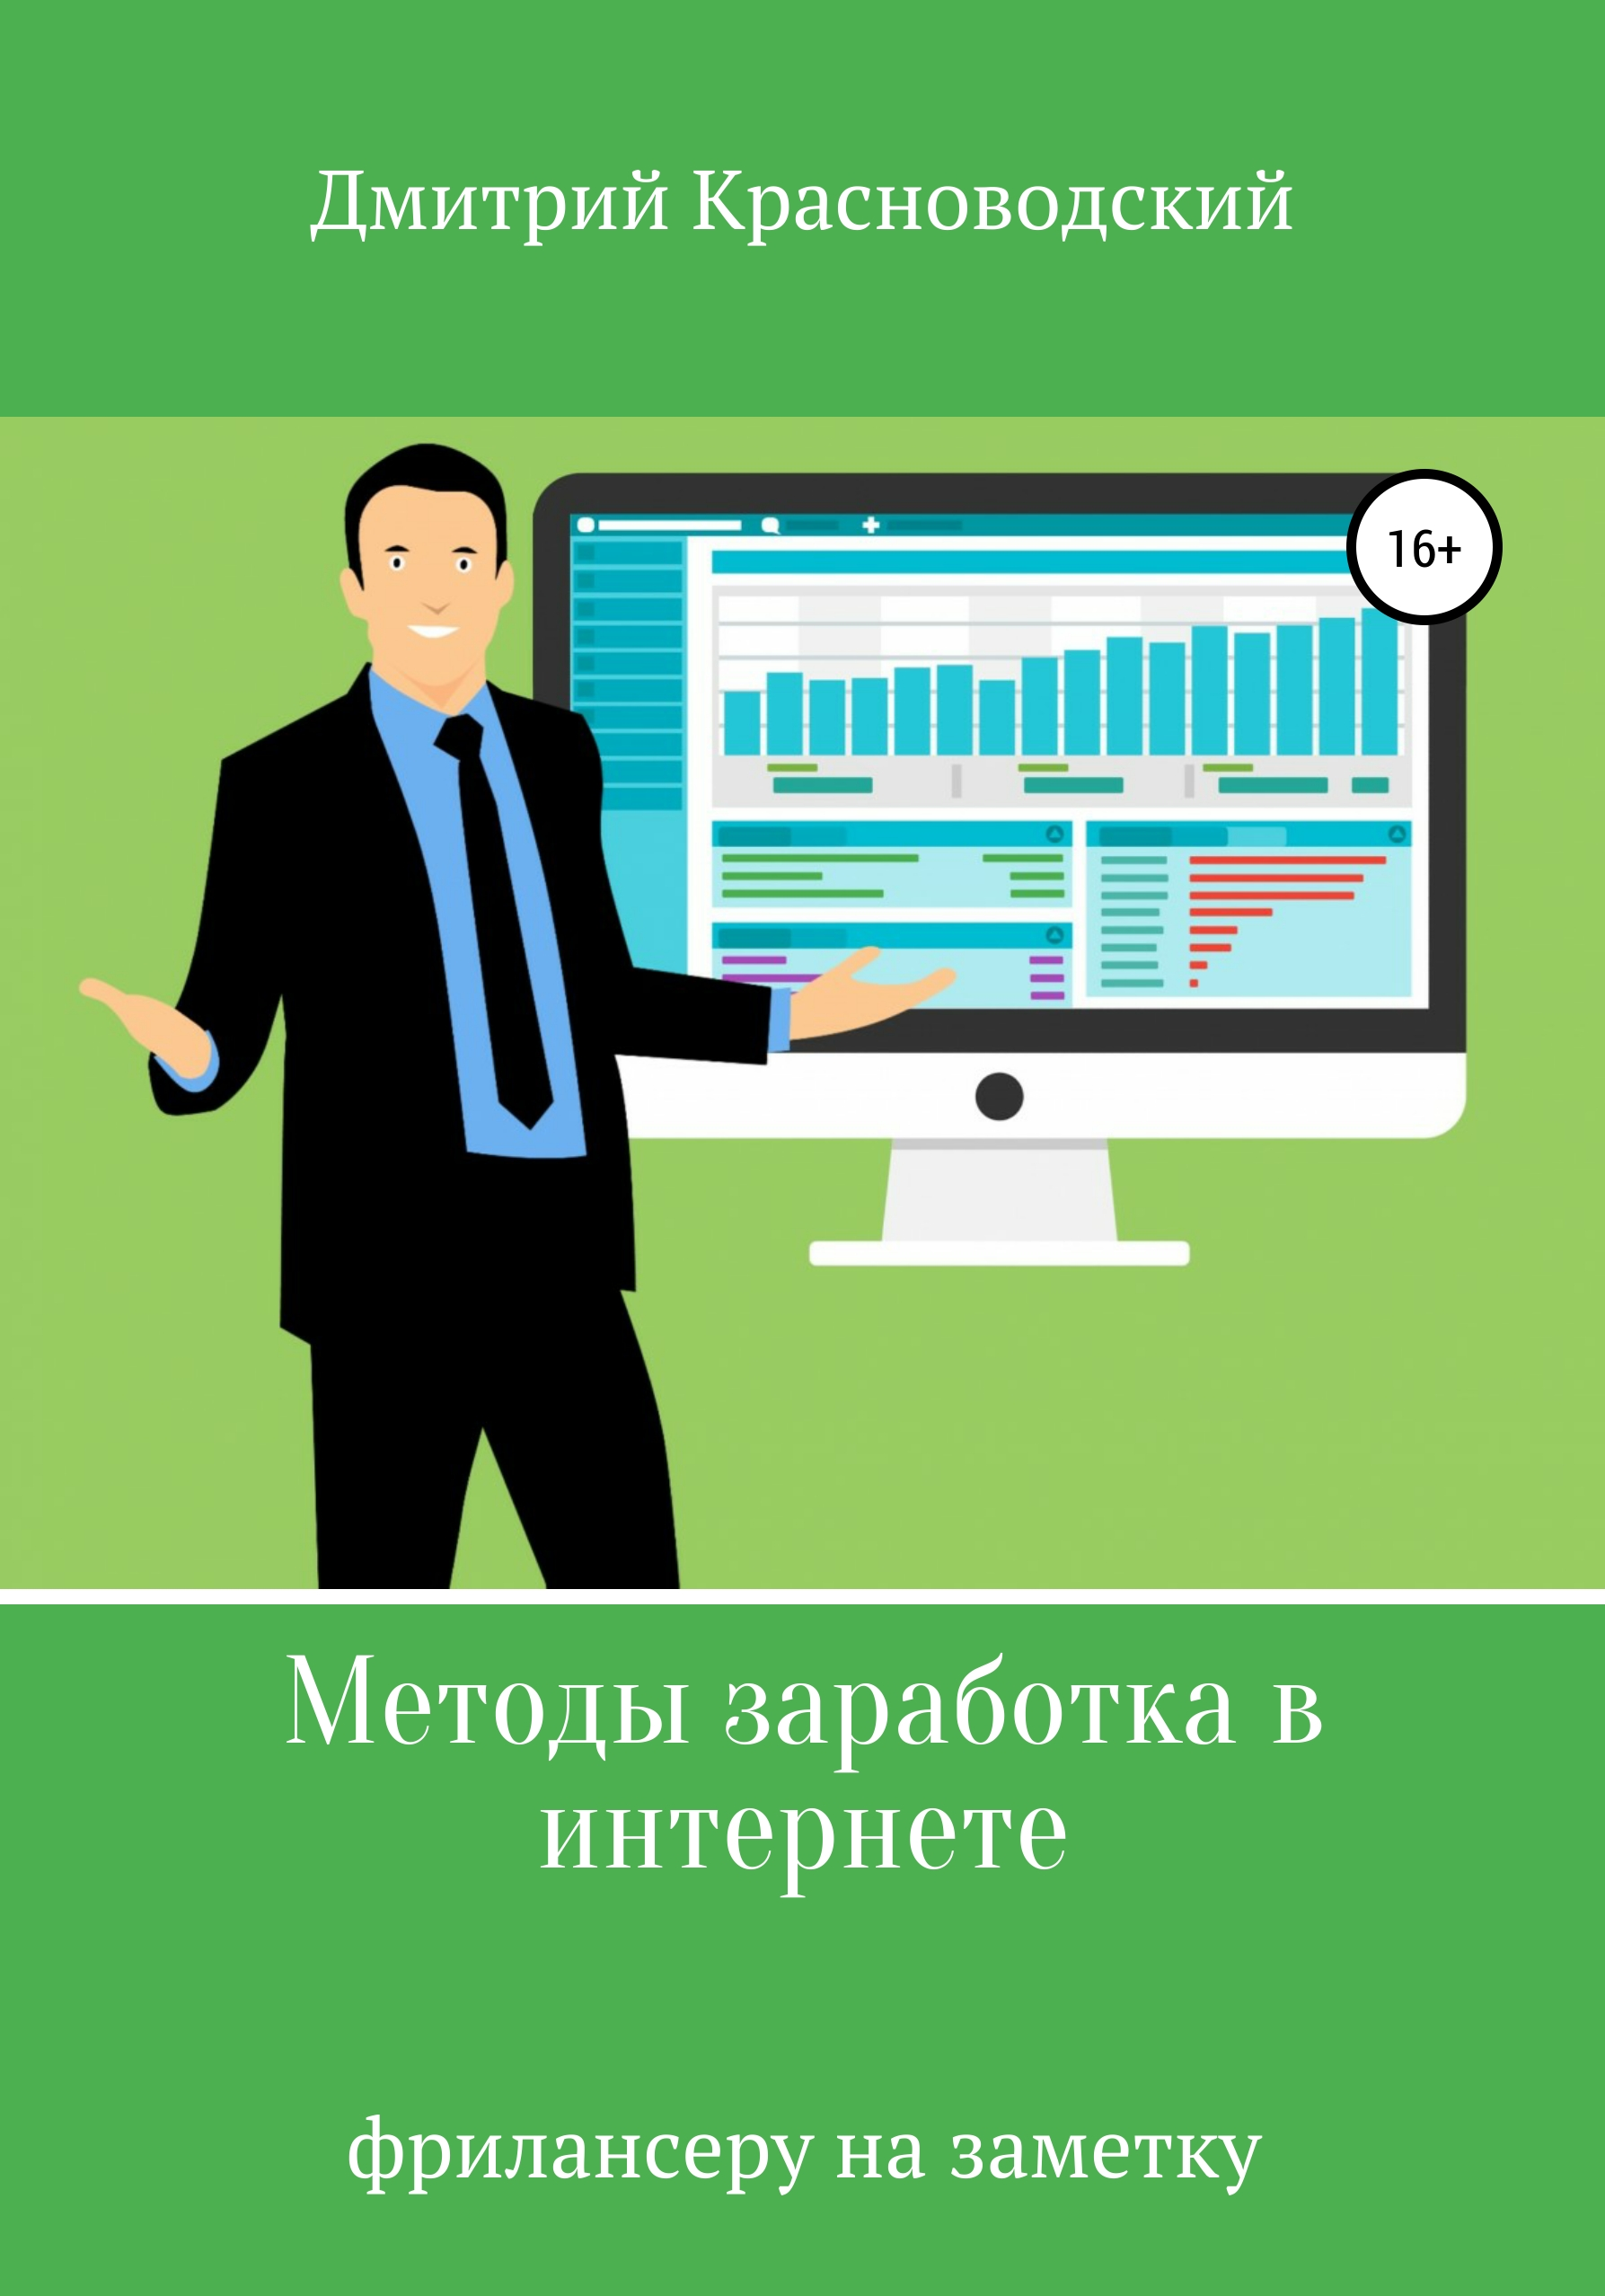 Купить книгу Методы заработка в интернете, автора Дмитрия Сергеевича Красноводского